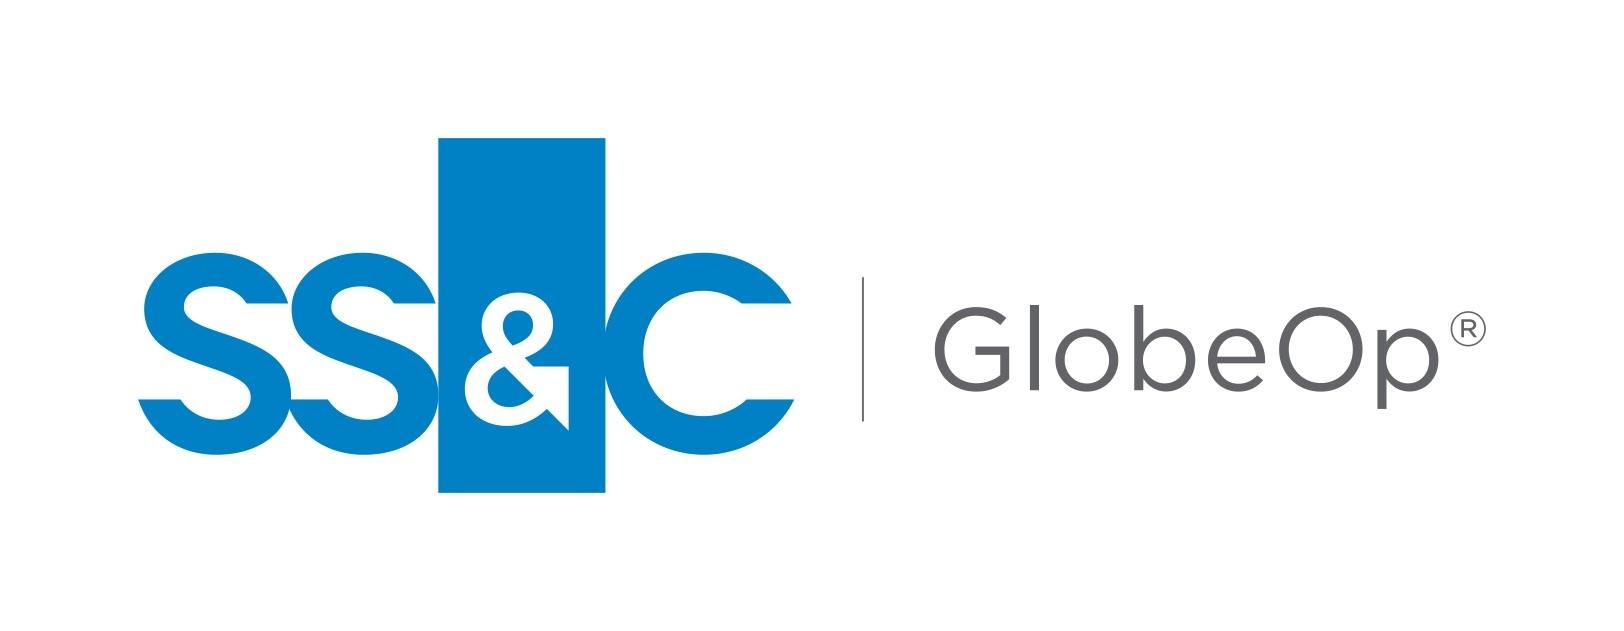 SS&C GlobeOp (PRNewsFoto/SS&C)